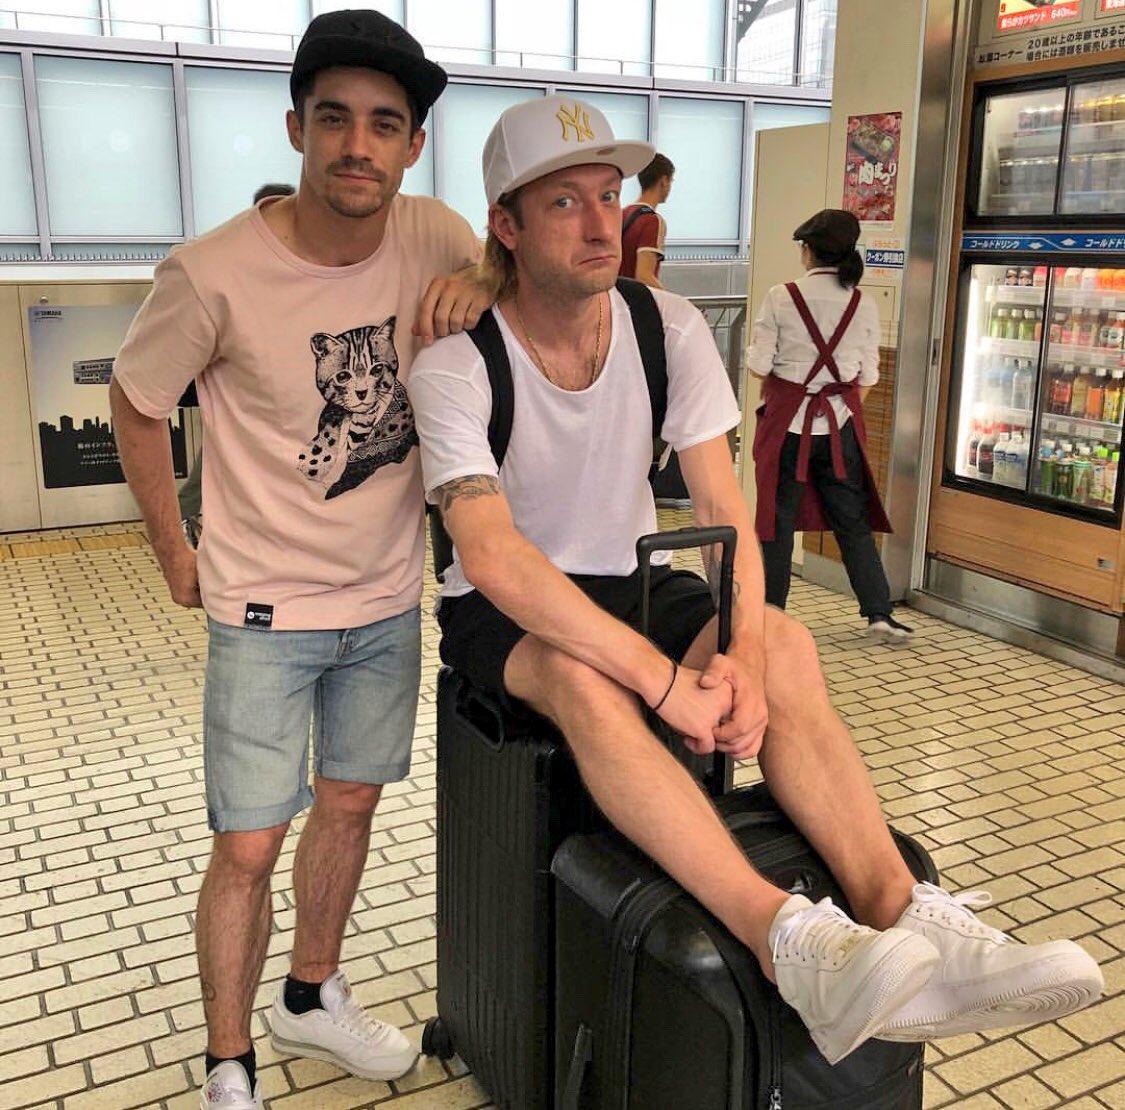 プルシェンコがハビエルとの2ショット写真を投稿!場所は東京駅!